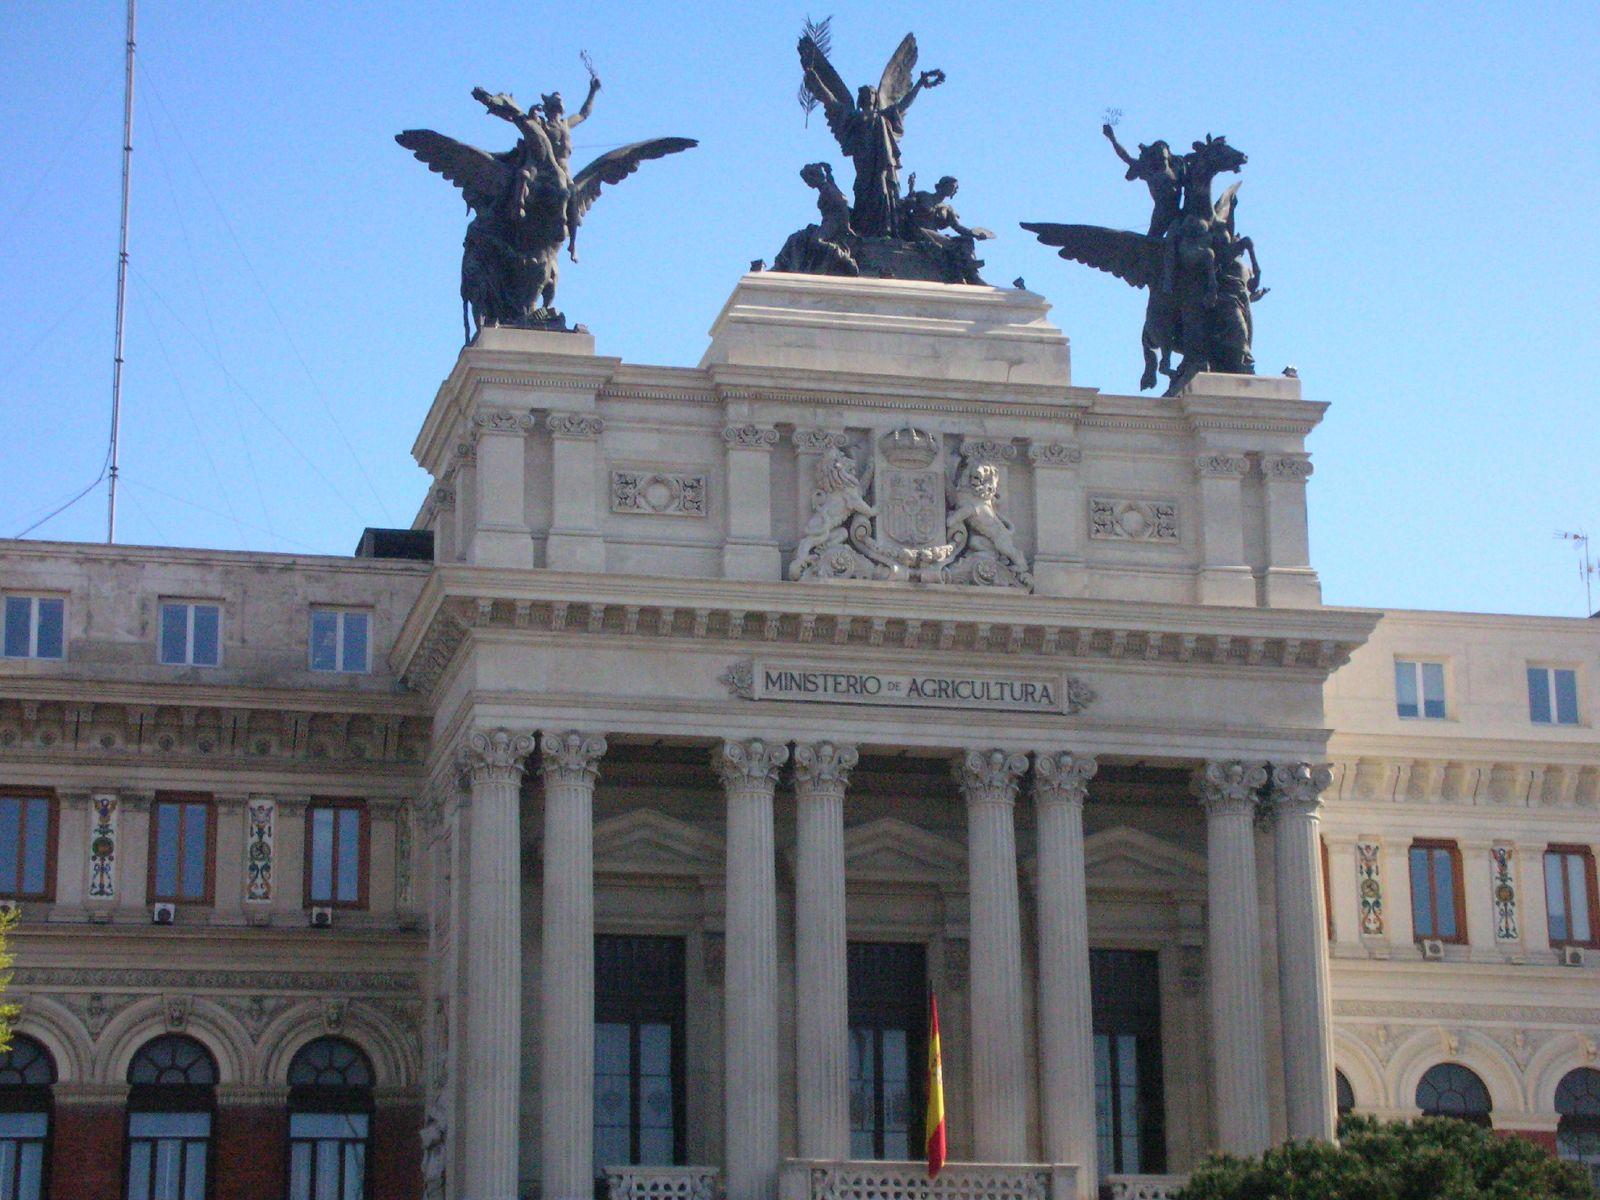 Archivo ministerio de agricultura madrid for La pagina del ministerio